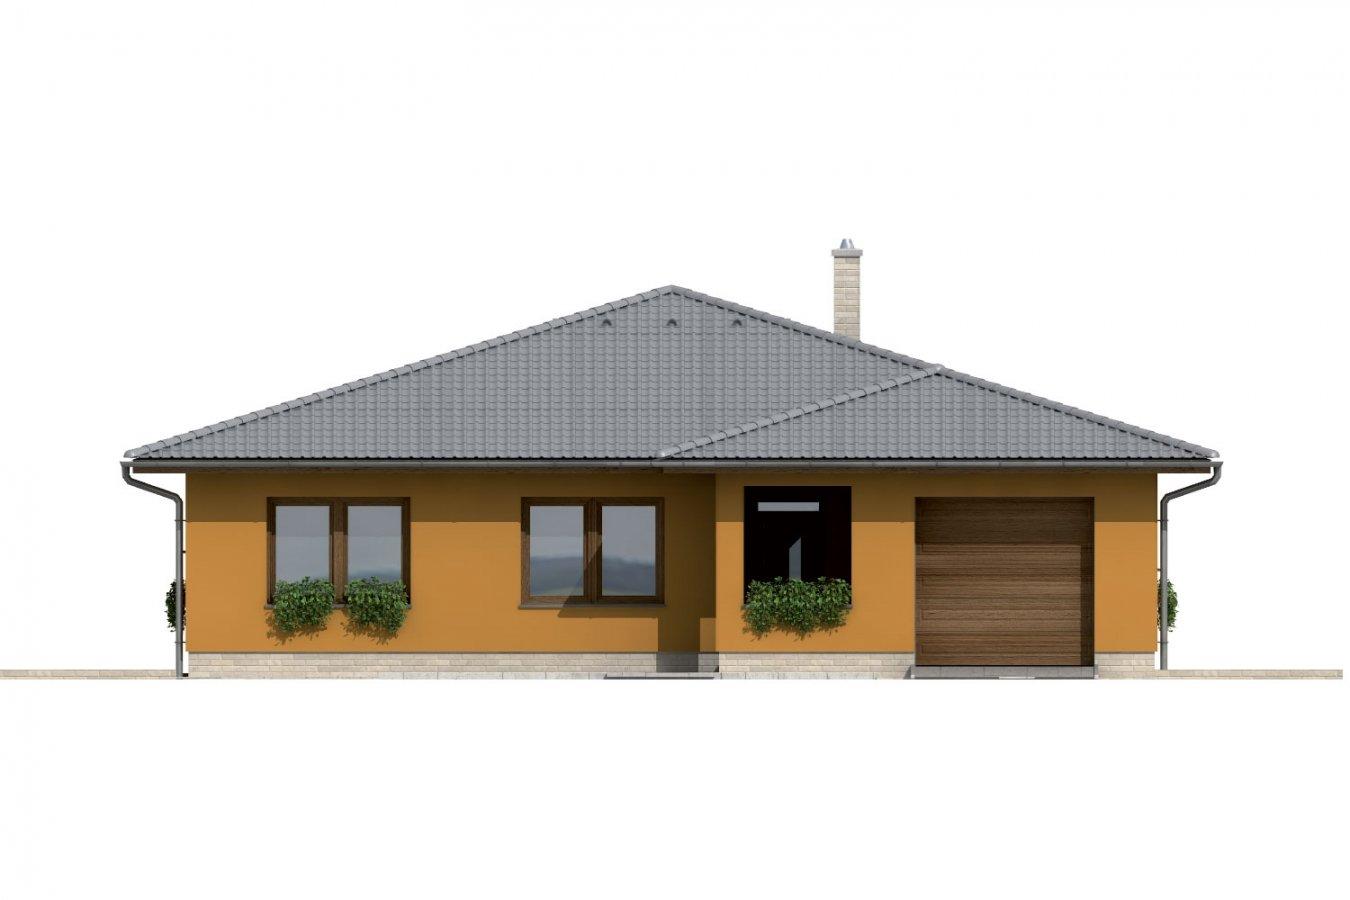 Pohľad 1. - Dom so stanovou strechou a presvetlenou obývacou izbou so strešnými oknami.